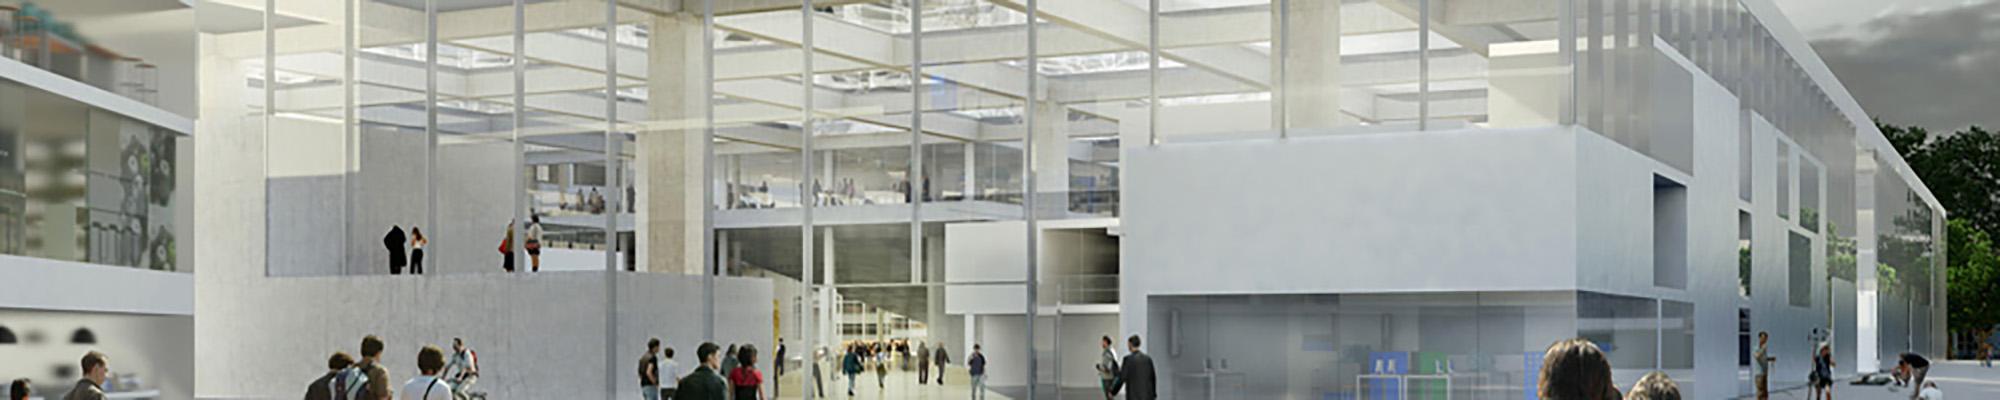 Presupuesto arquitecto online al instante y gratis for Honorarios arquitecto